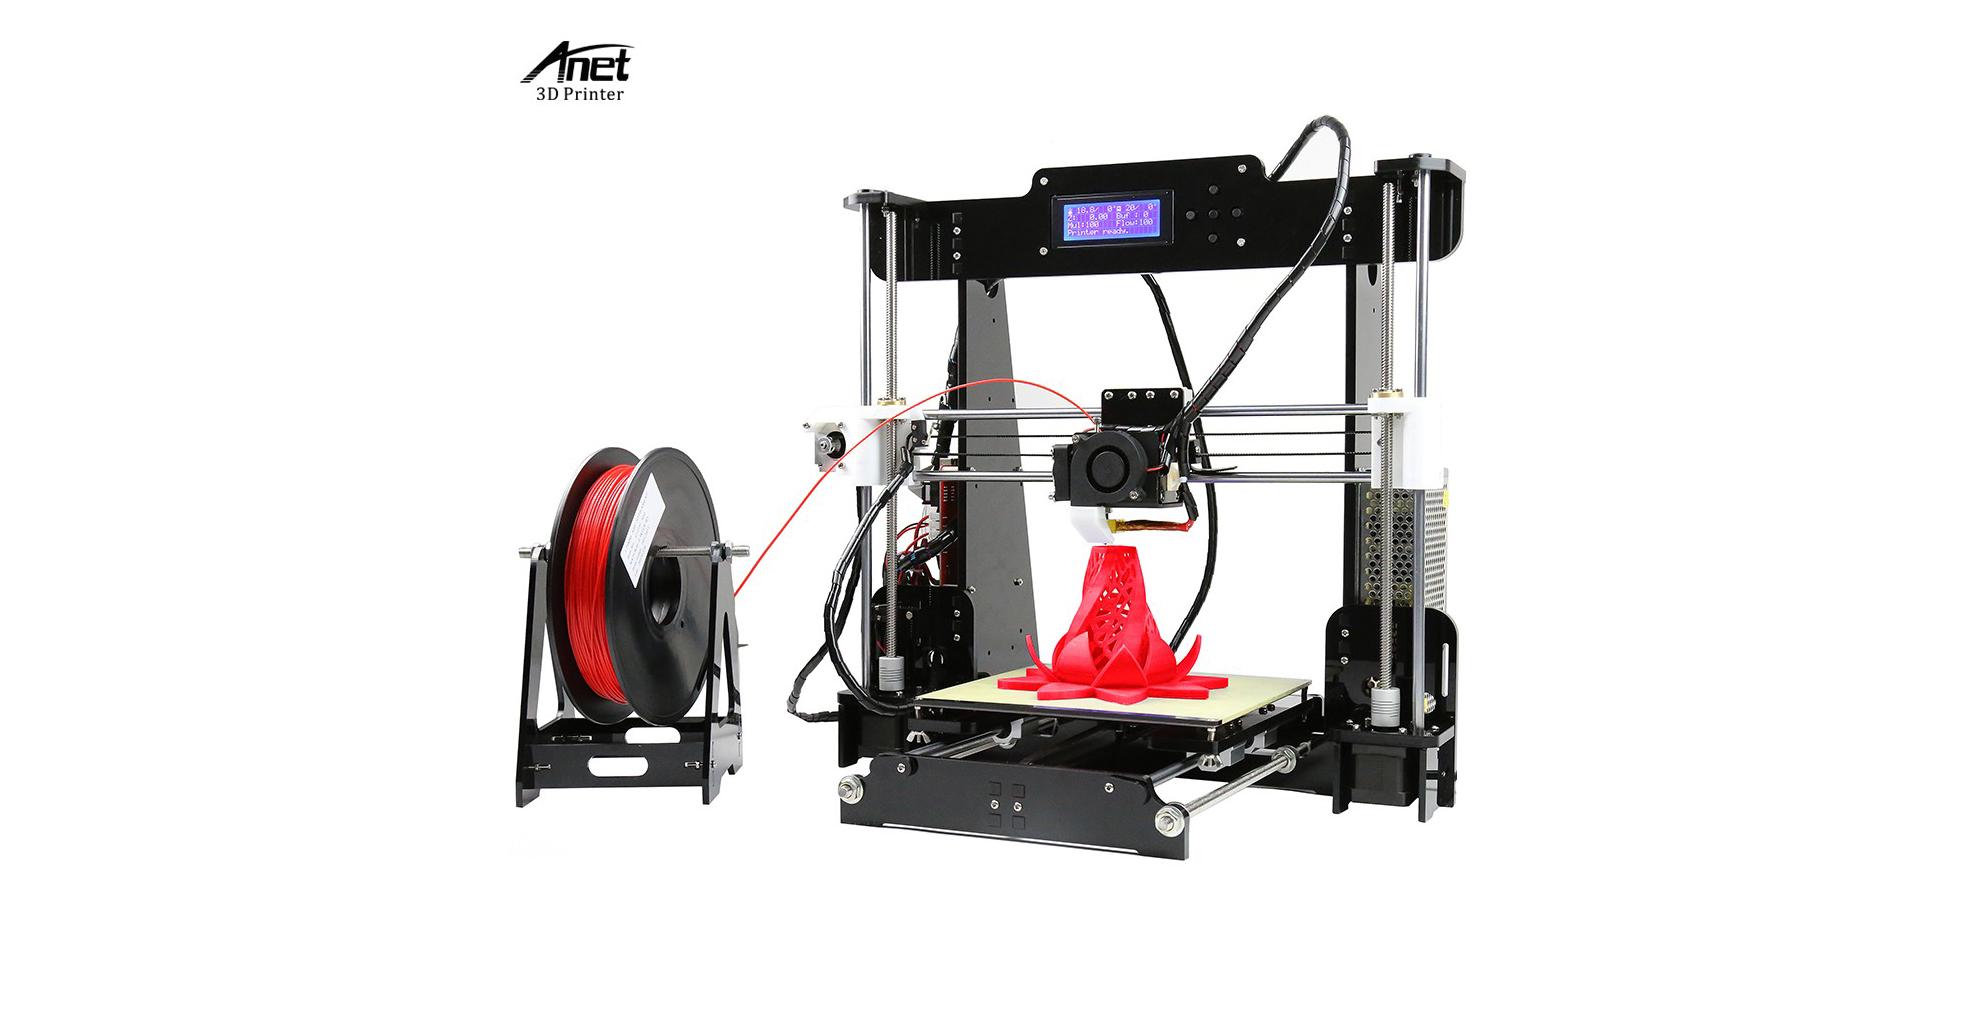 3D tiskárna Anet A8 jen nyní za pár korun! [sponzorovaný článek]